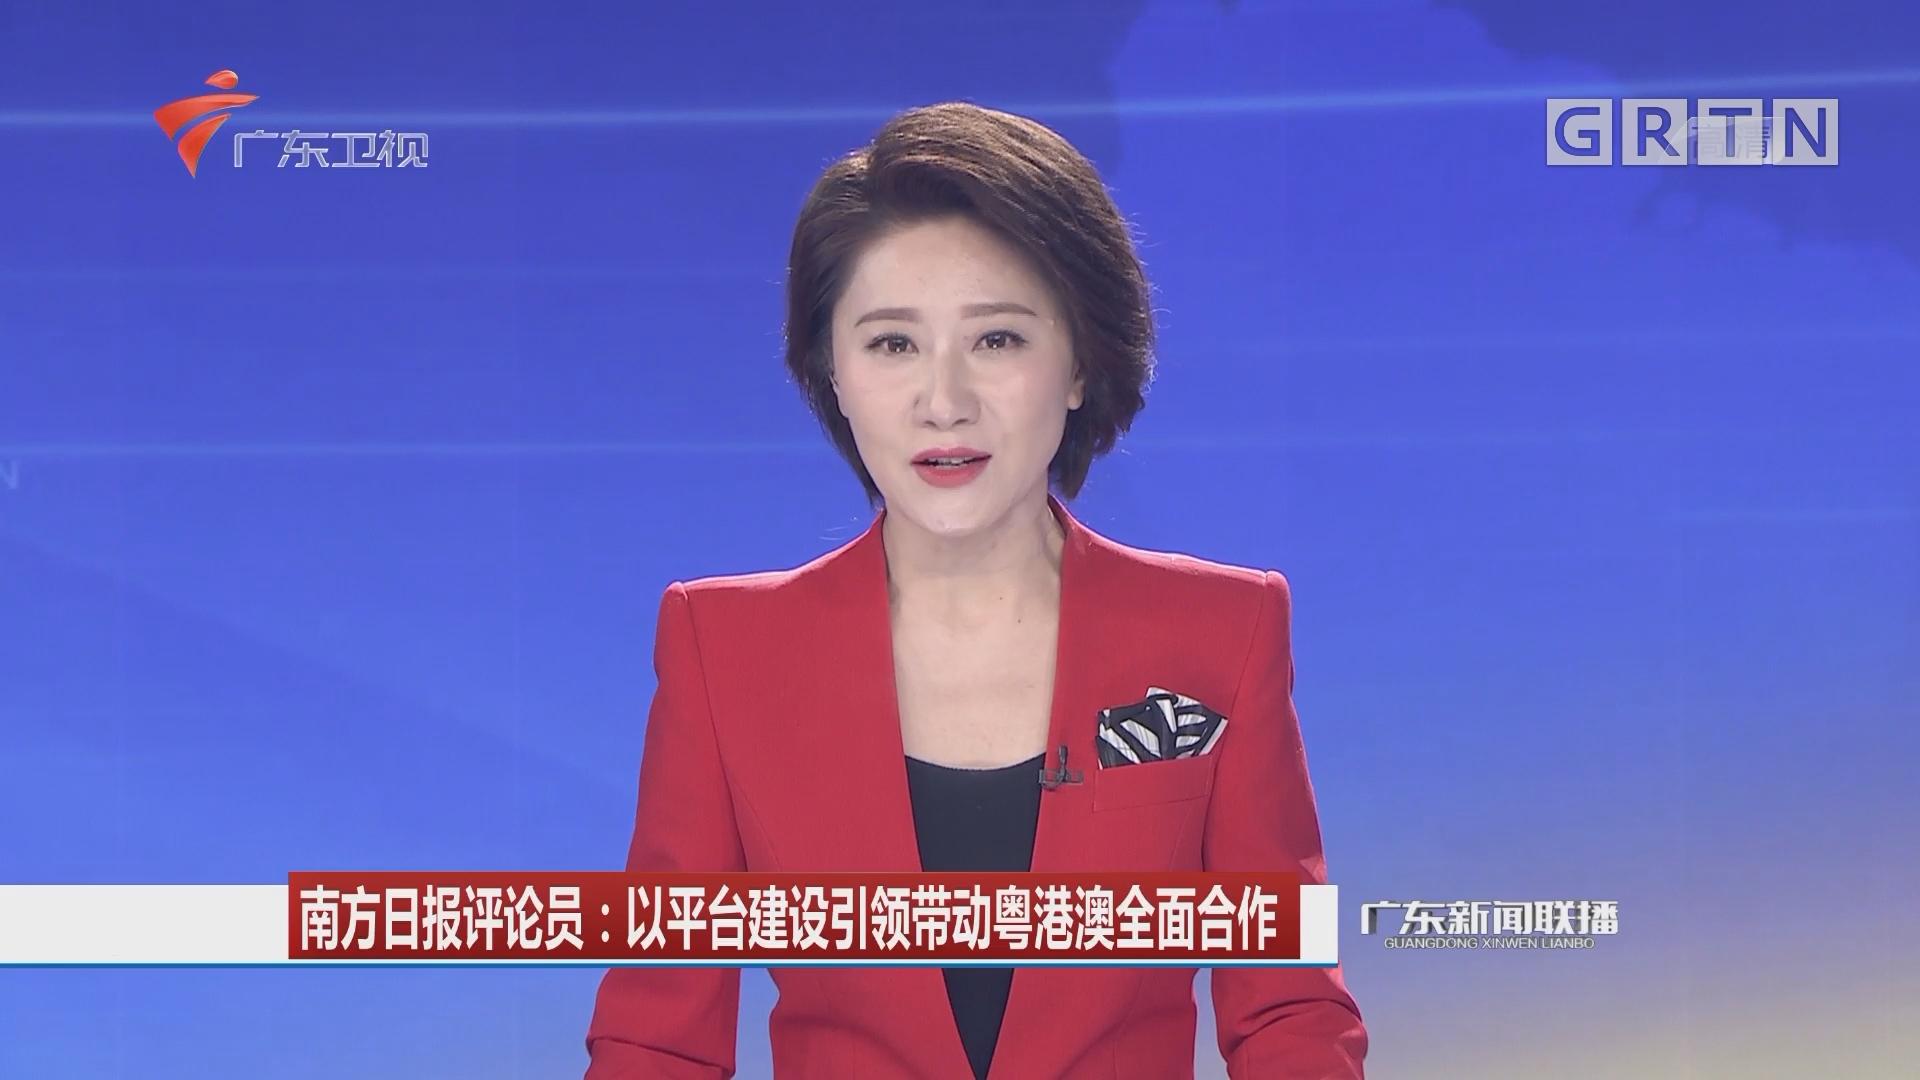 南方日报评论员:以平台建设引领带动粤港澳全面合作